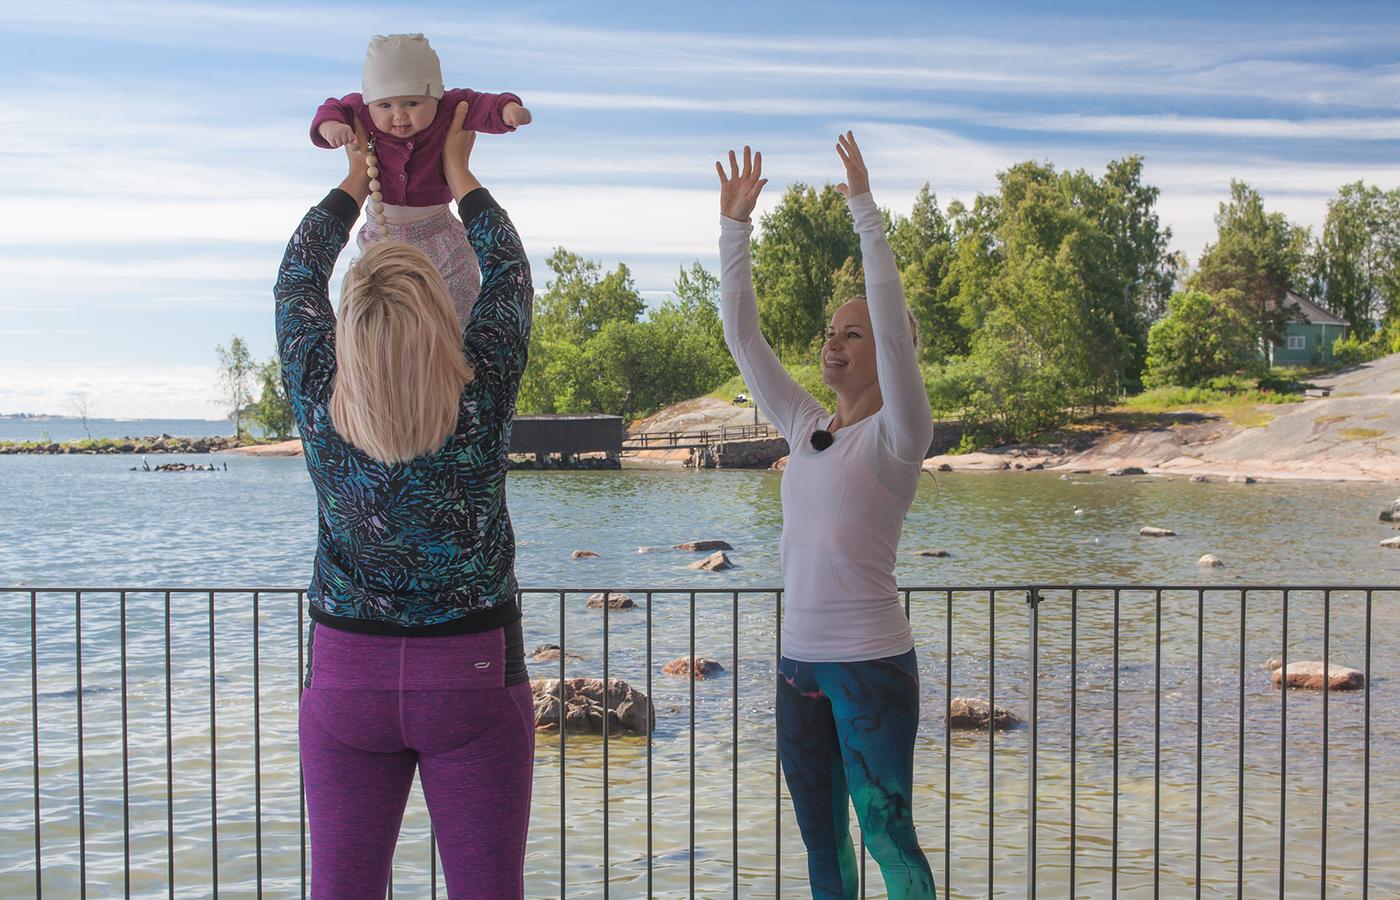 Keskivartalo kuntoon raskauden ja synnytyksen jälkeen